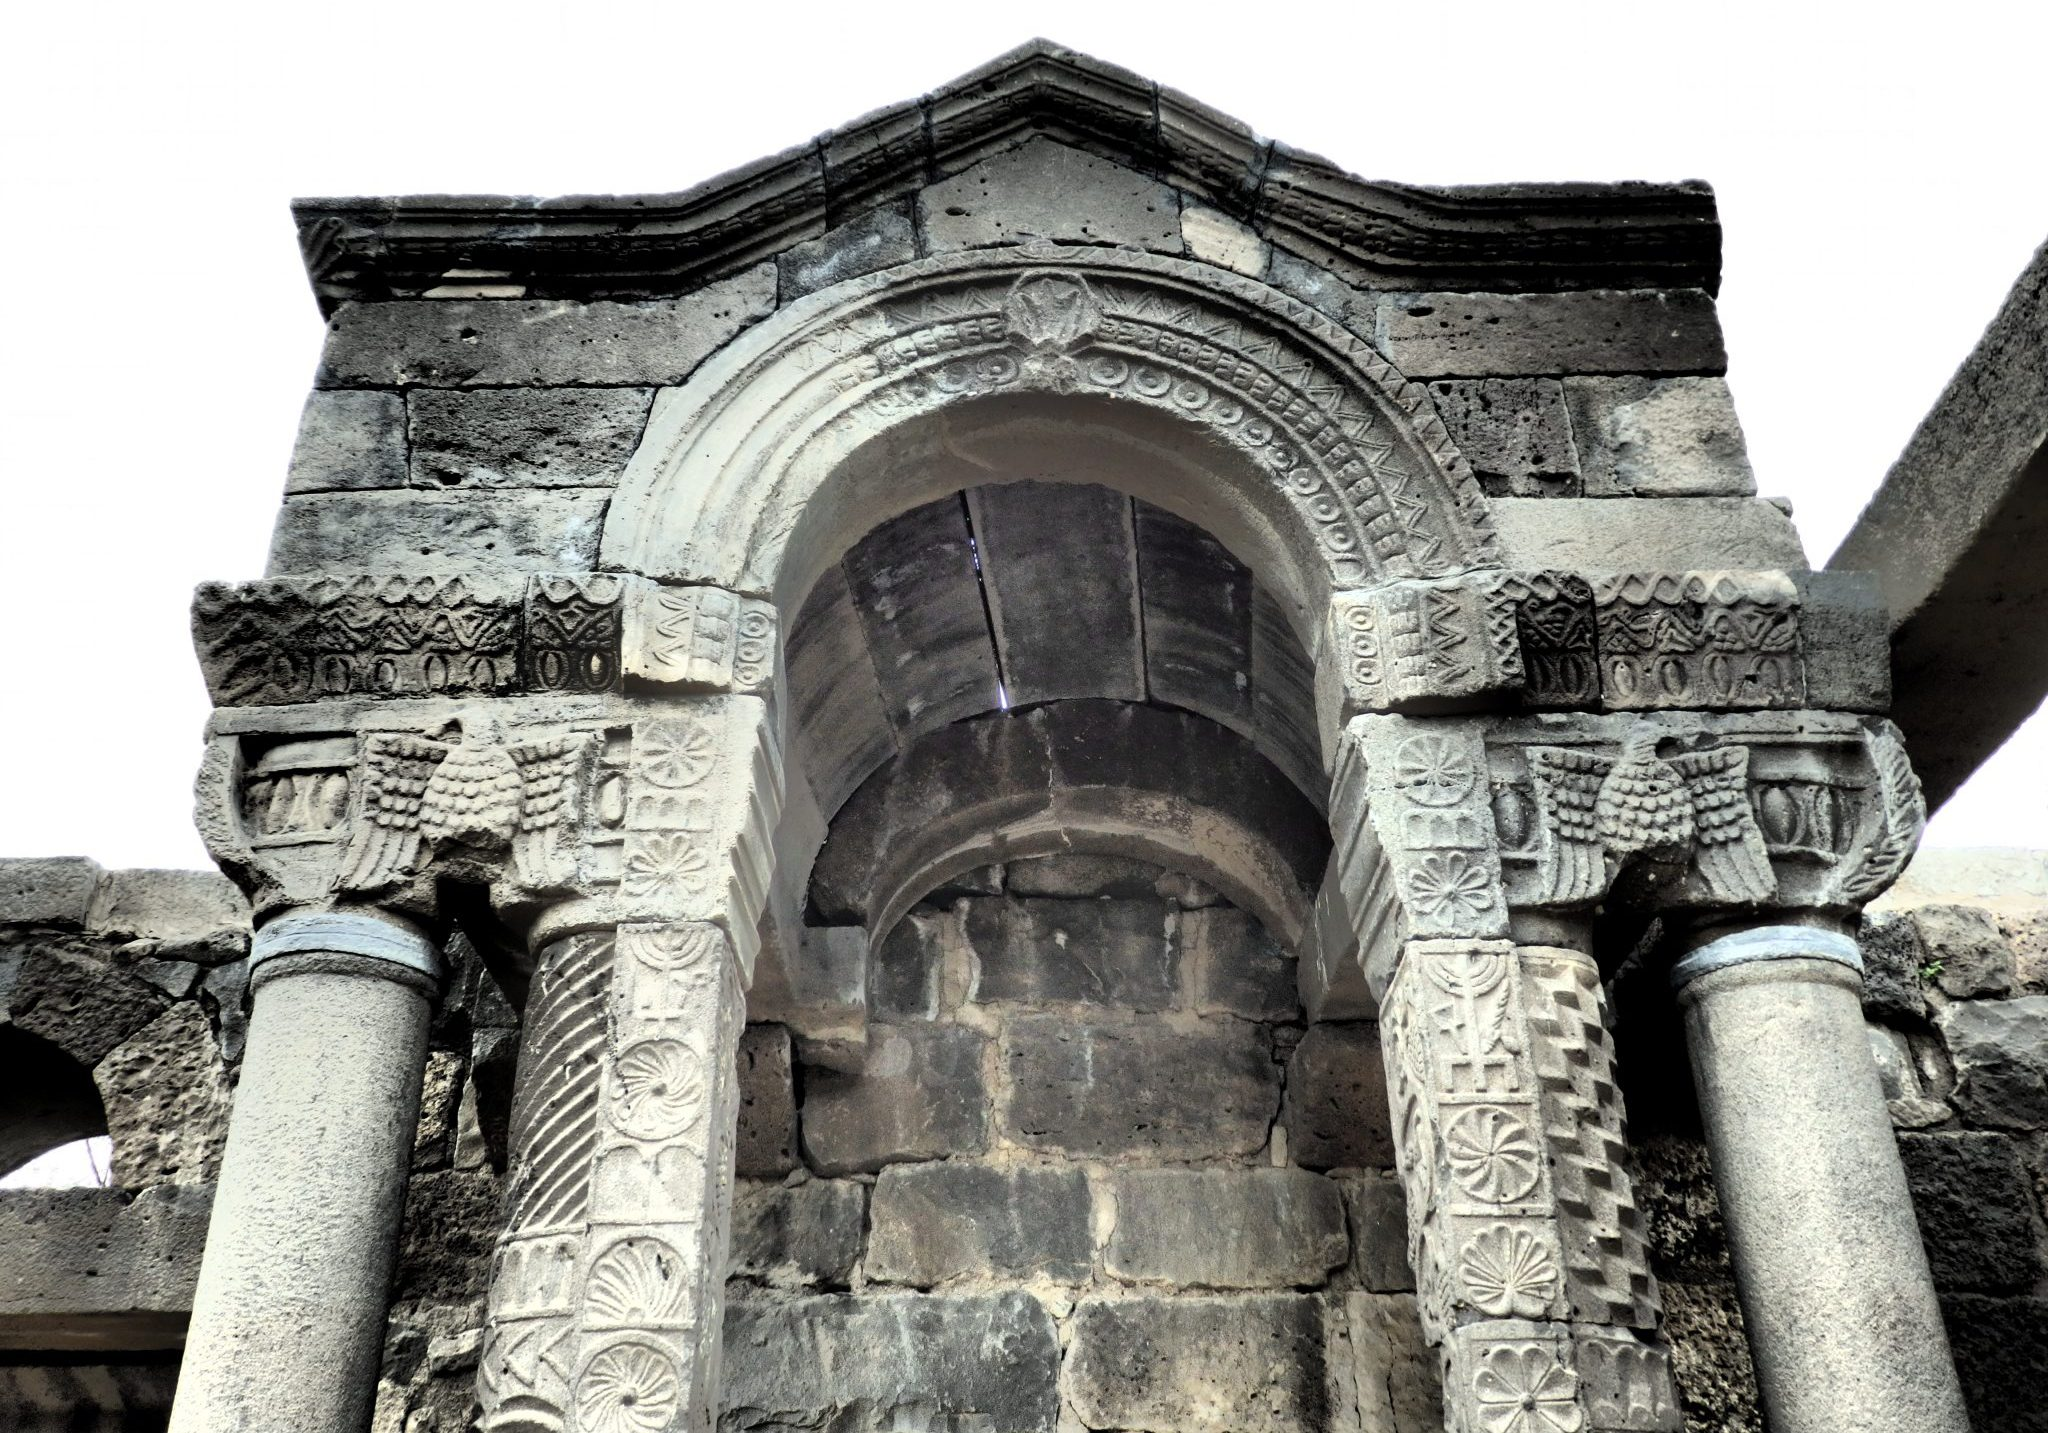 The Torah ark at Um el Kanatir shows detailed carvings.